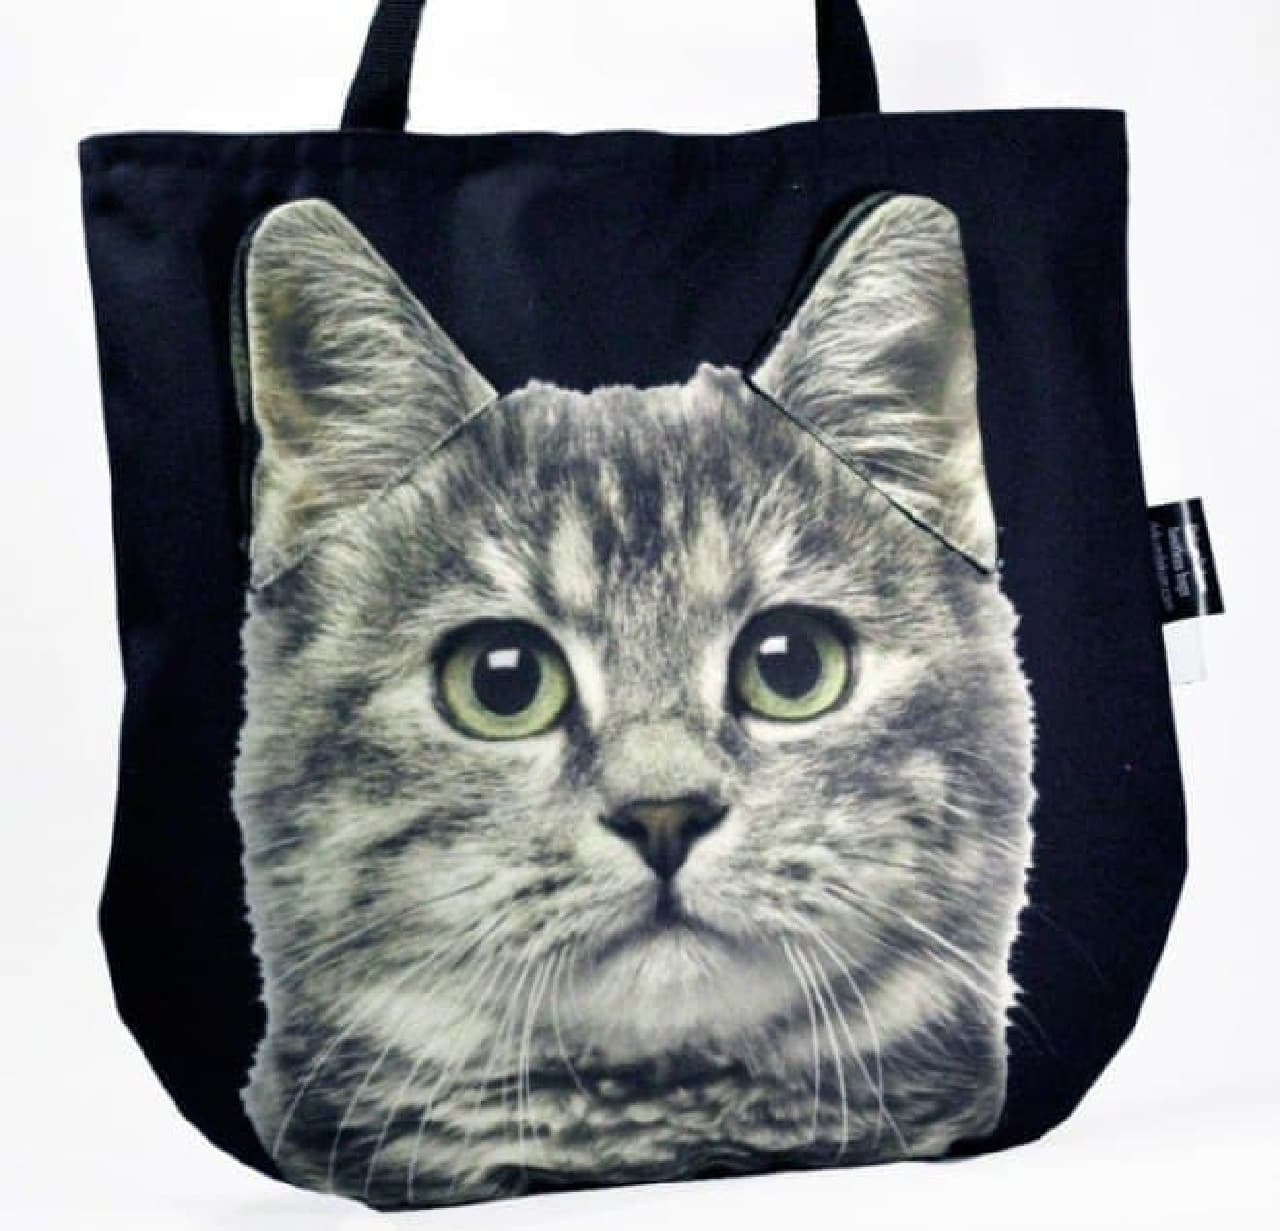 『Limitless Bags UK 犬猫バッグ 新作コレクション』販売開始